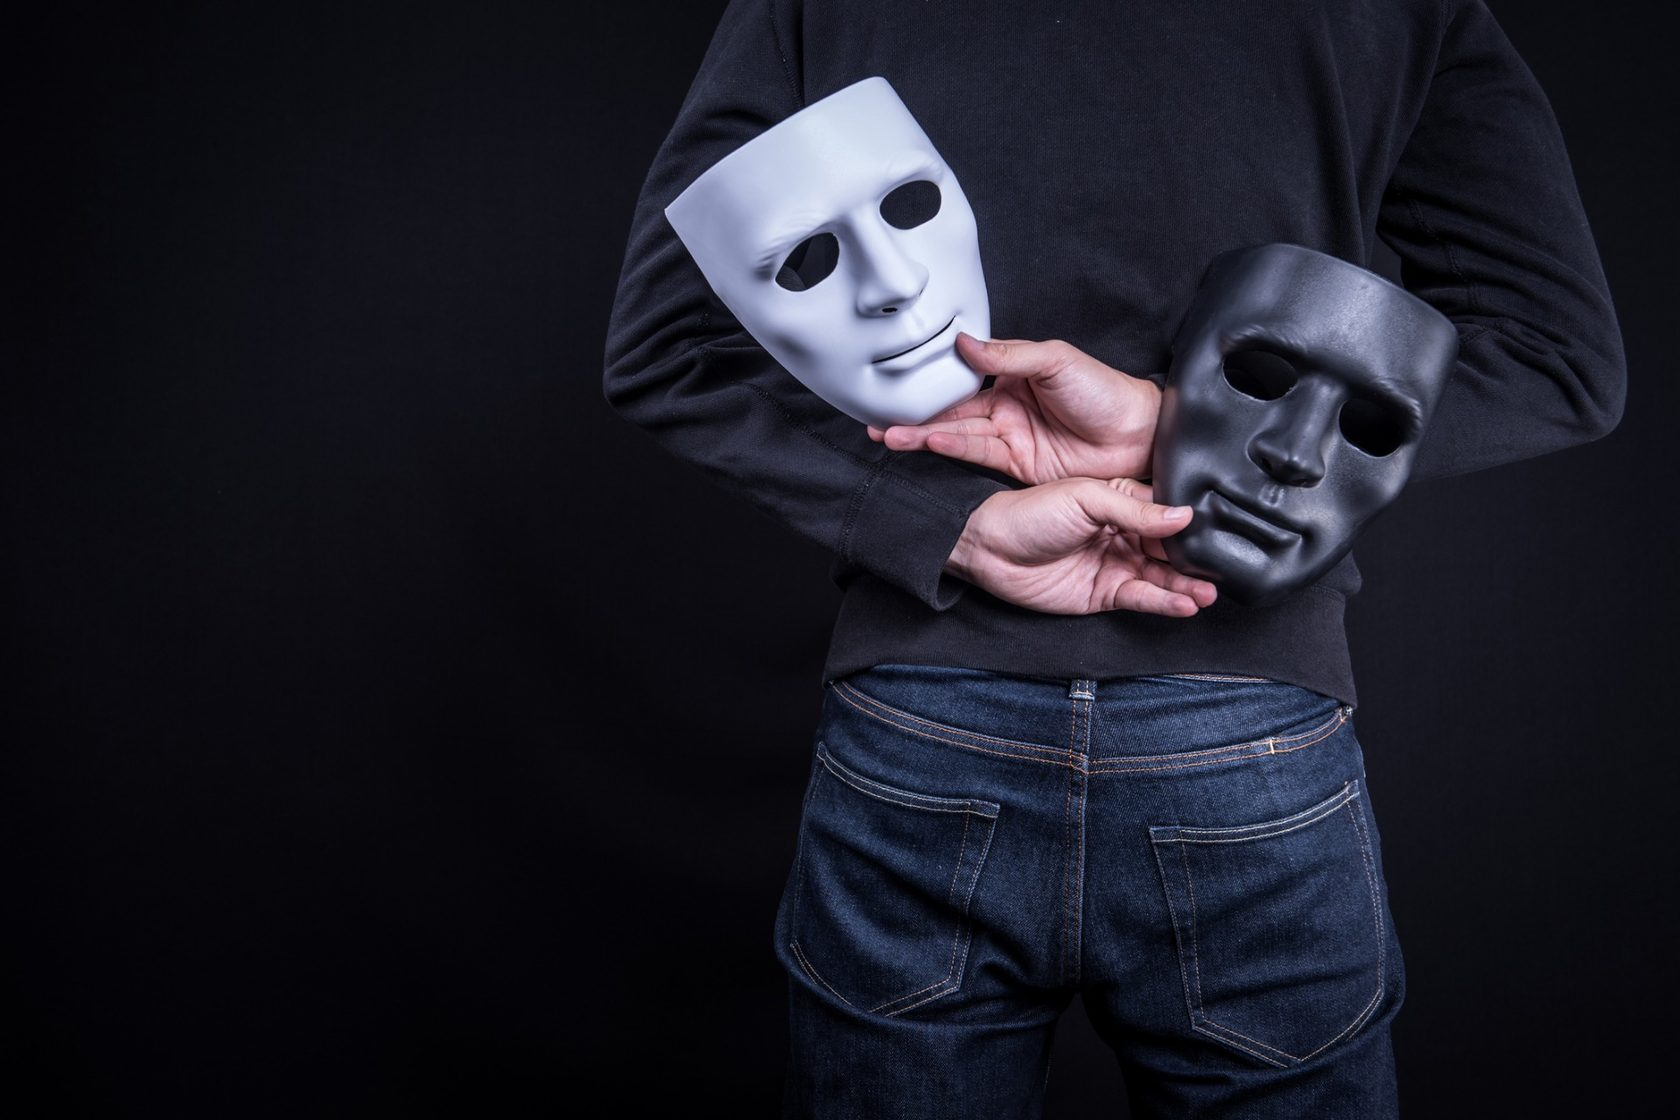 картинки про маски людей предложу несколько вариантов